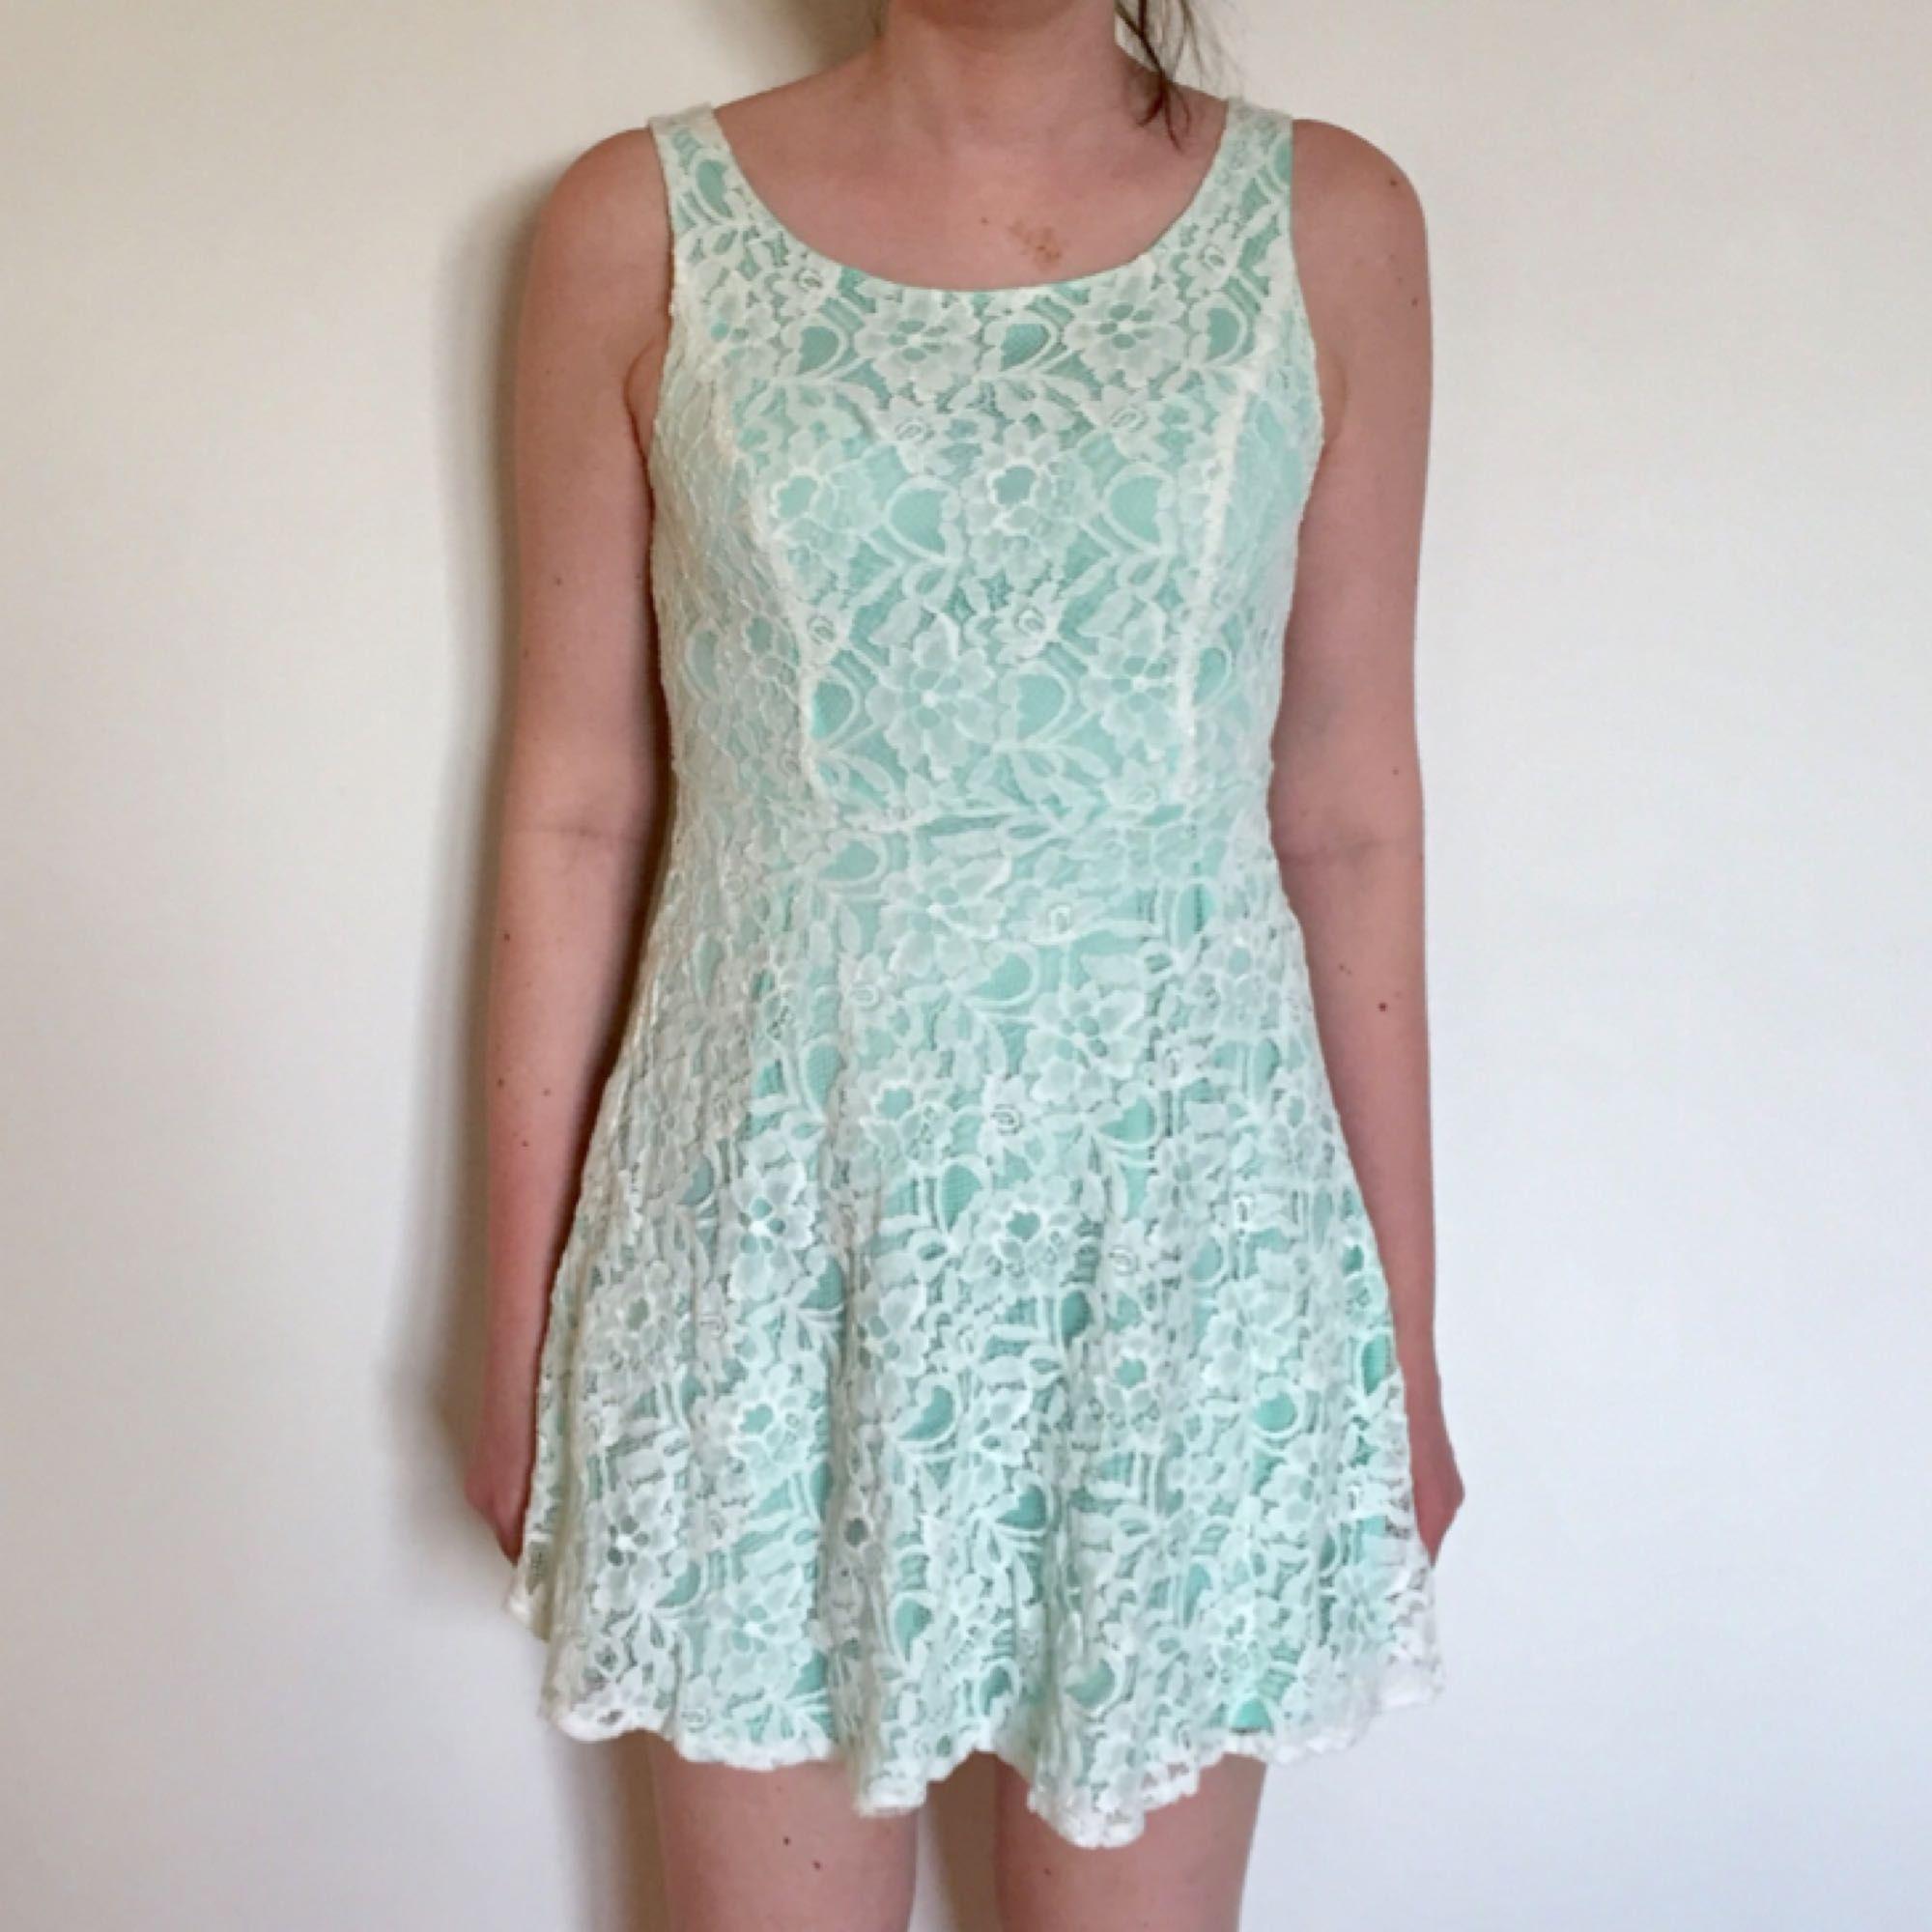 ecae700480a7 Spetsklänning i vit och ljus turkos. Använd sparsamt, från Australien.